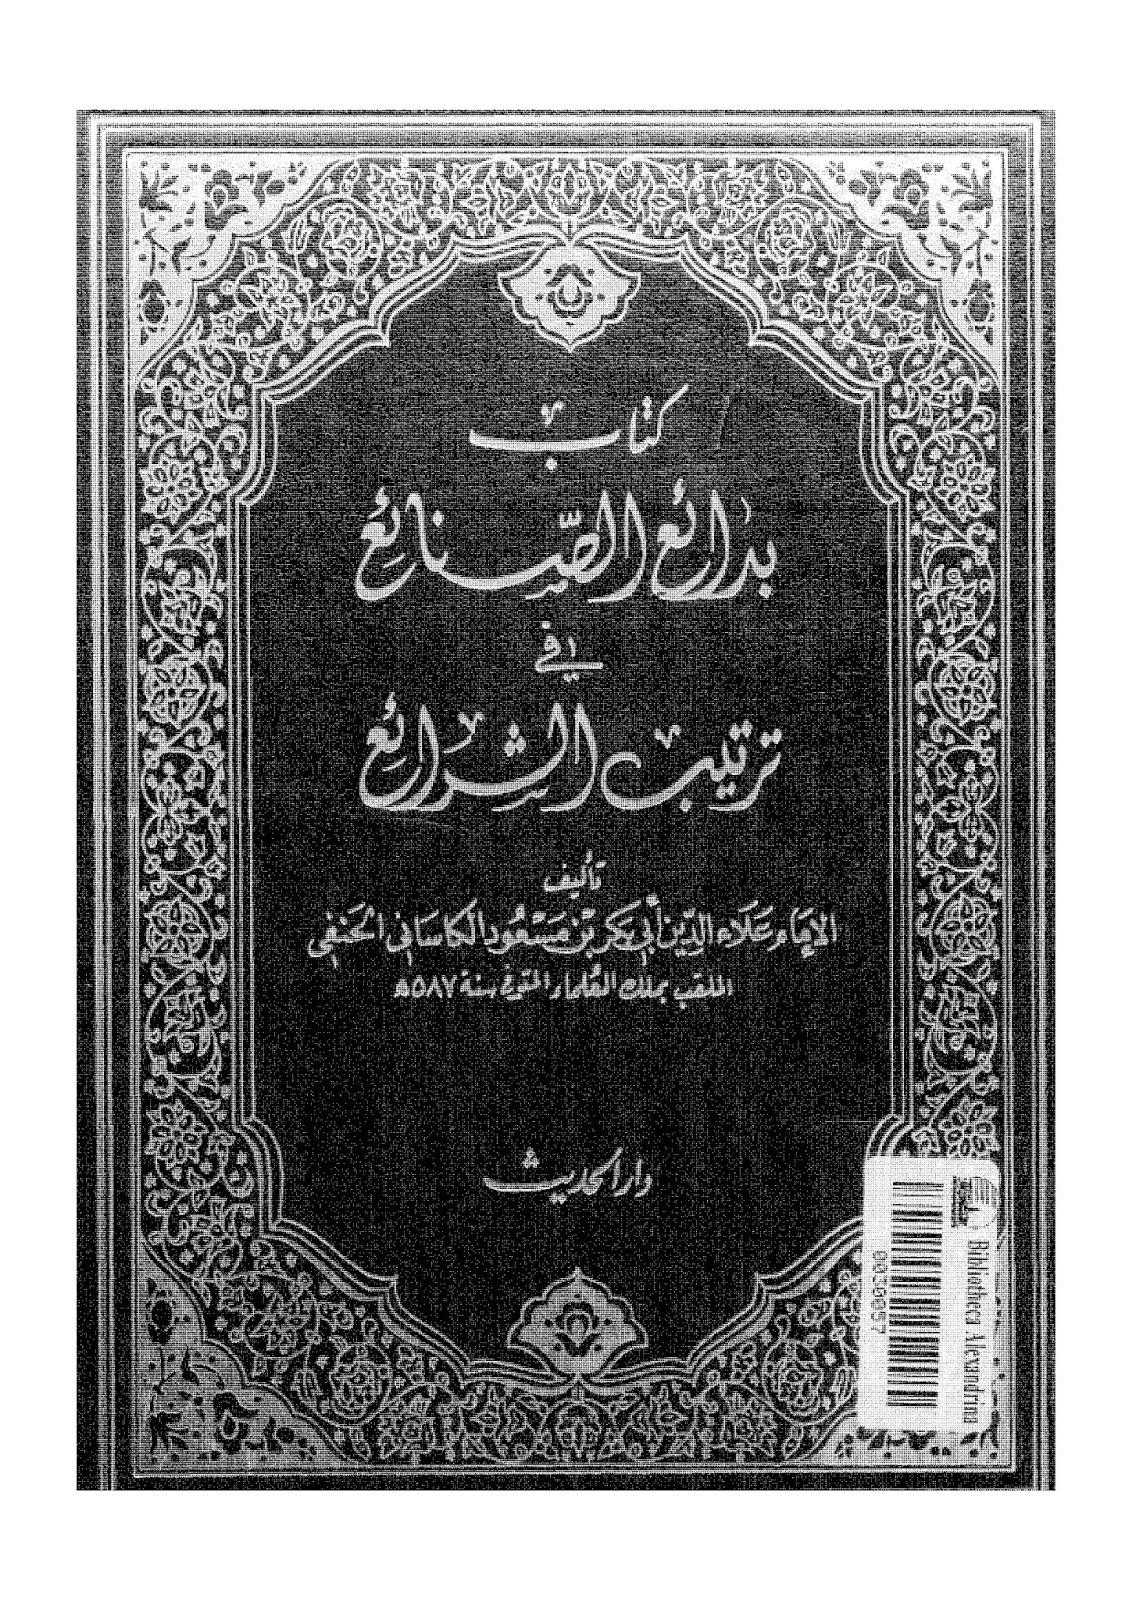 كتاب بدائع الصنائع في ترتيب الشرائع pdf